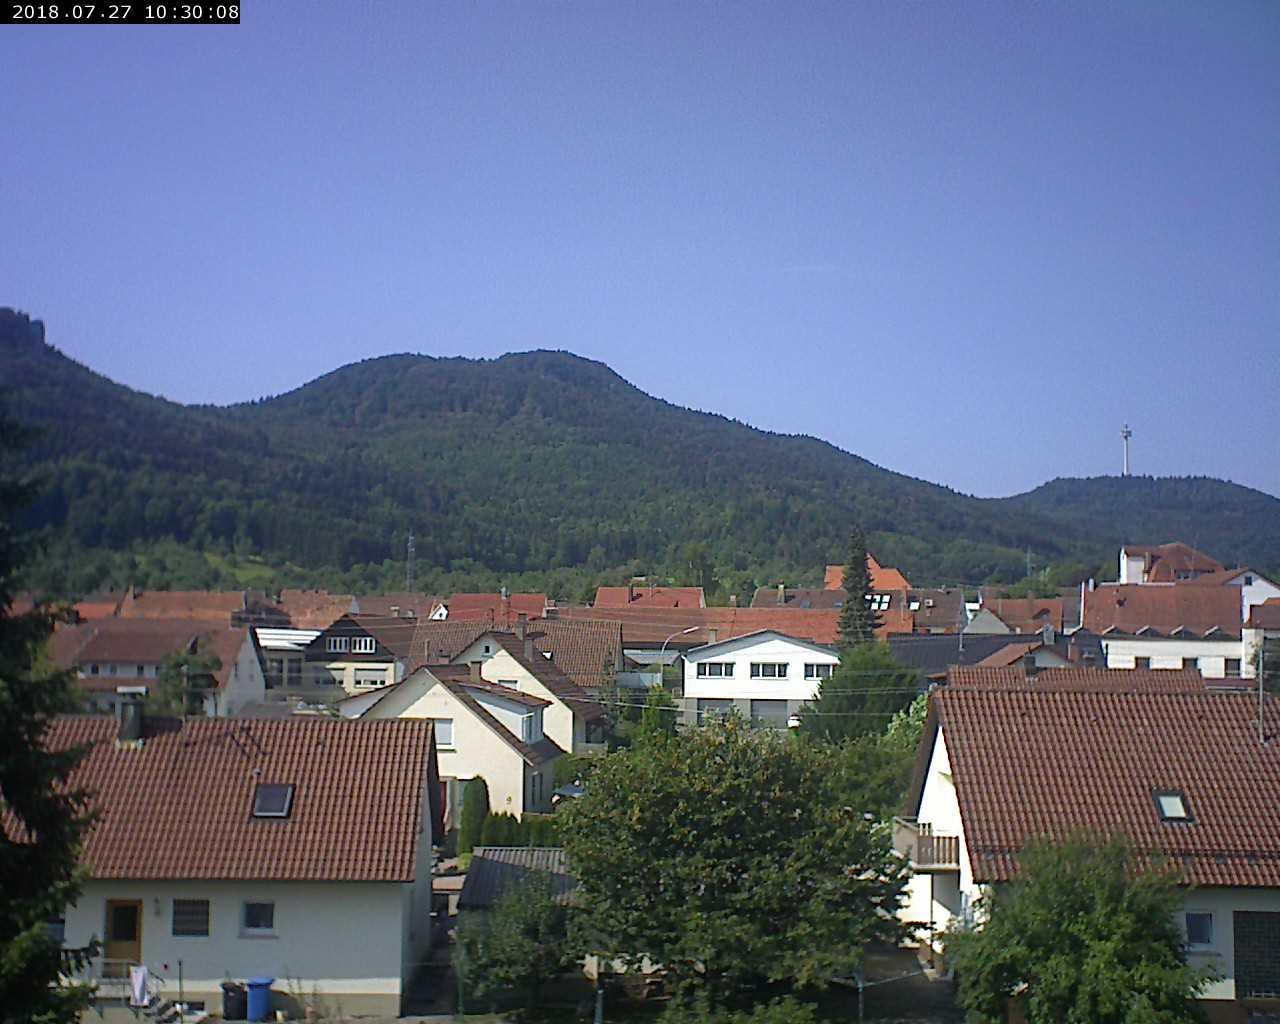 Webcam Balingen